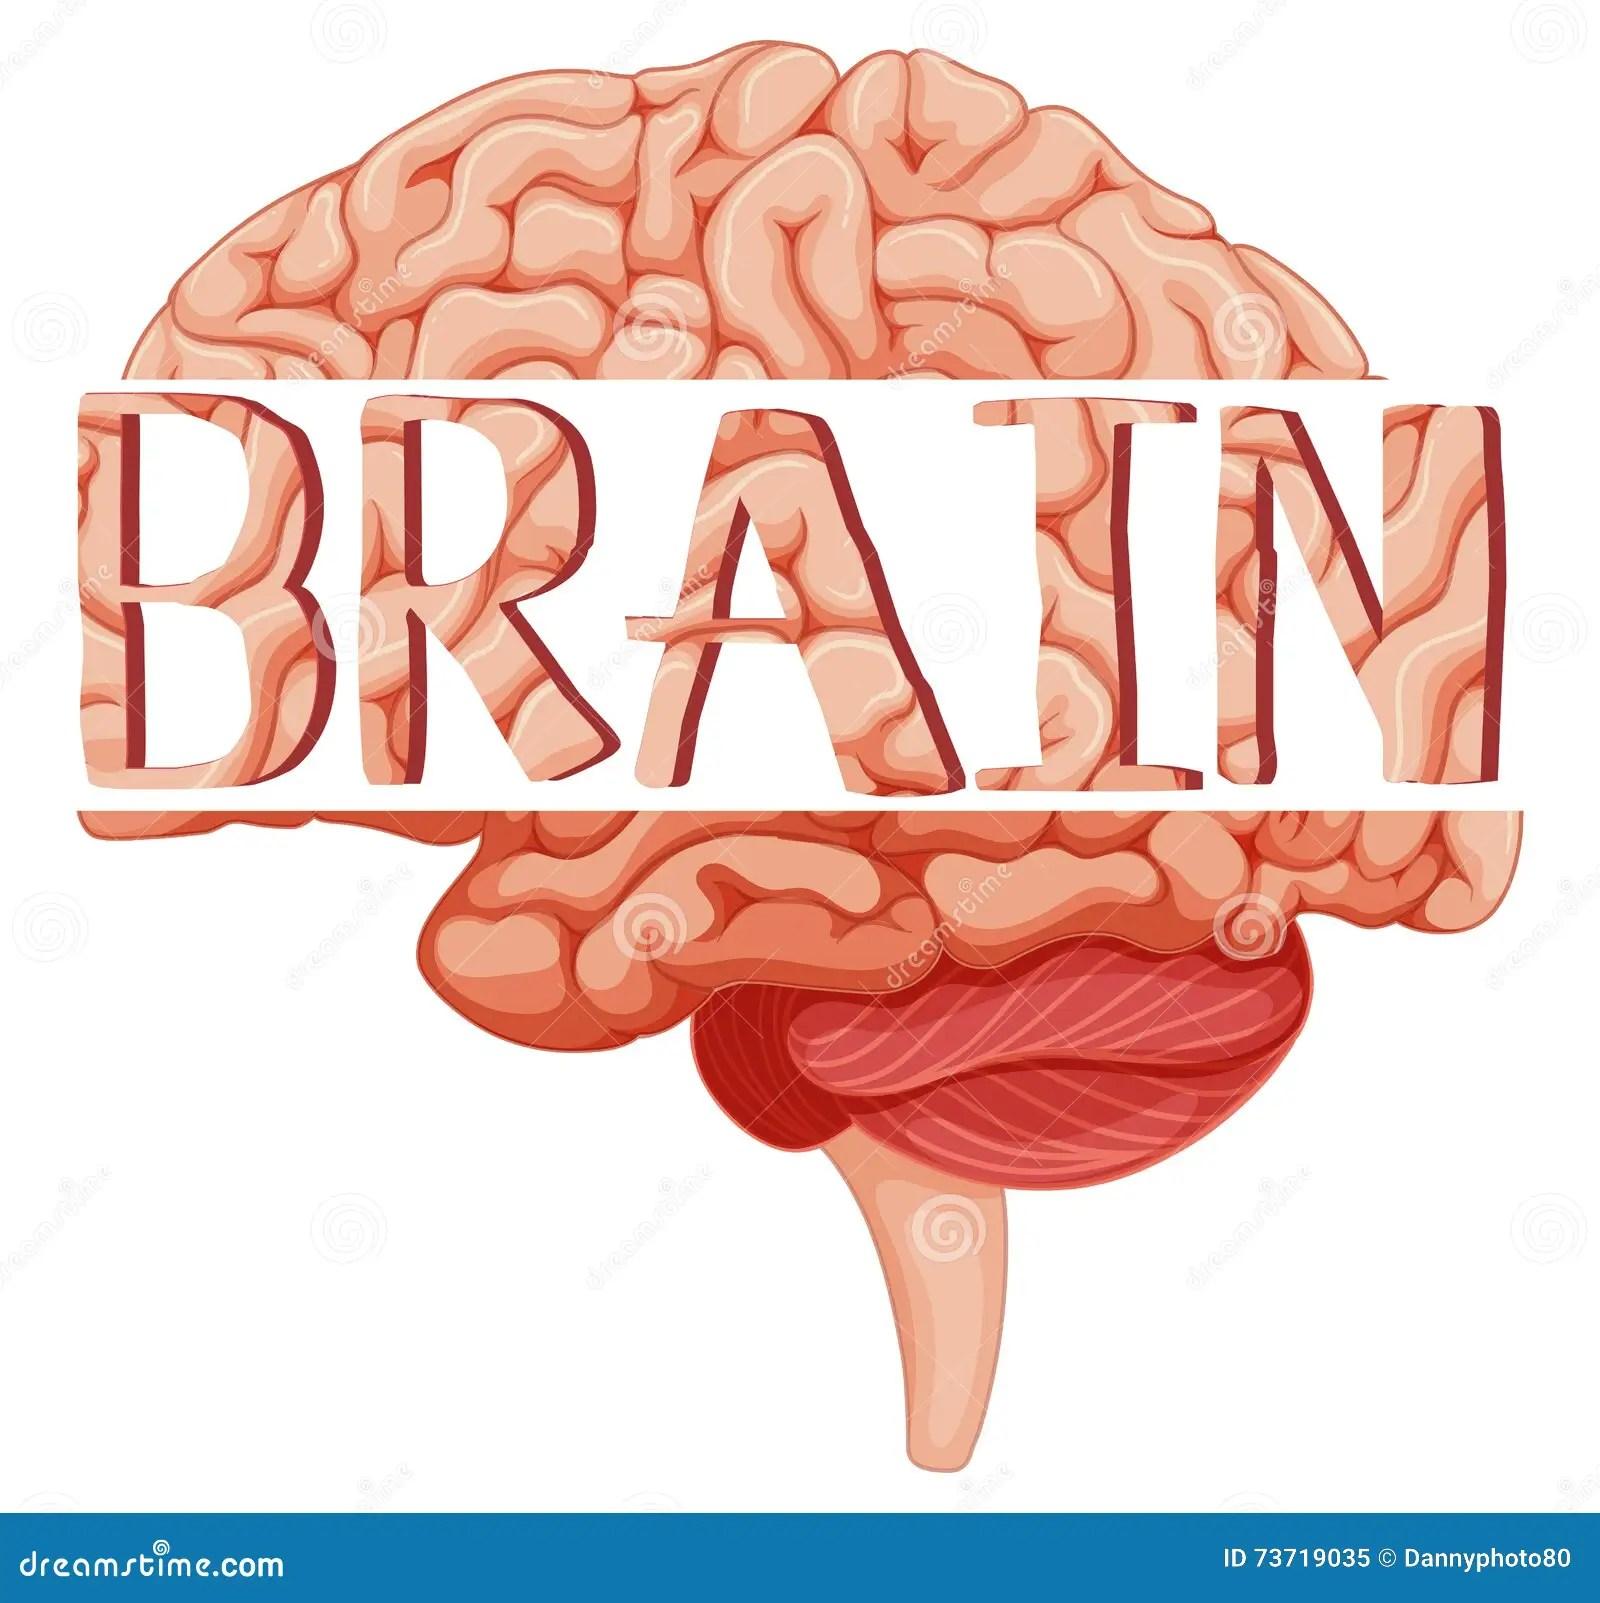 Word Brain On Human Brain Stock Vector Illustration Of